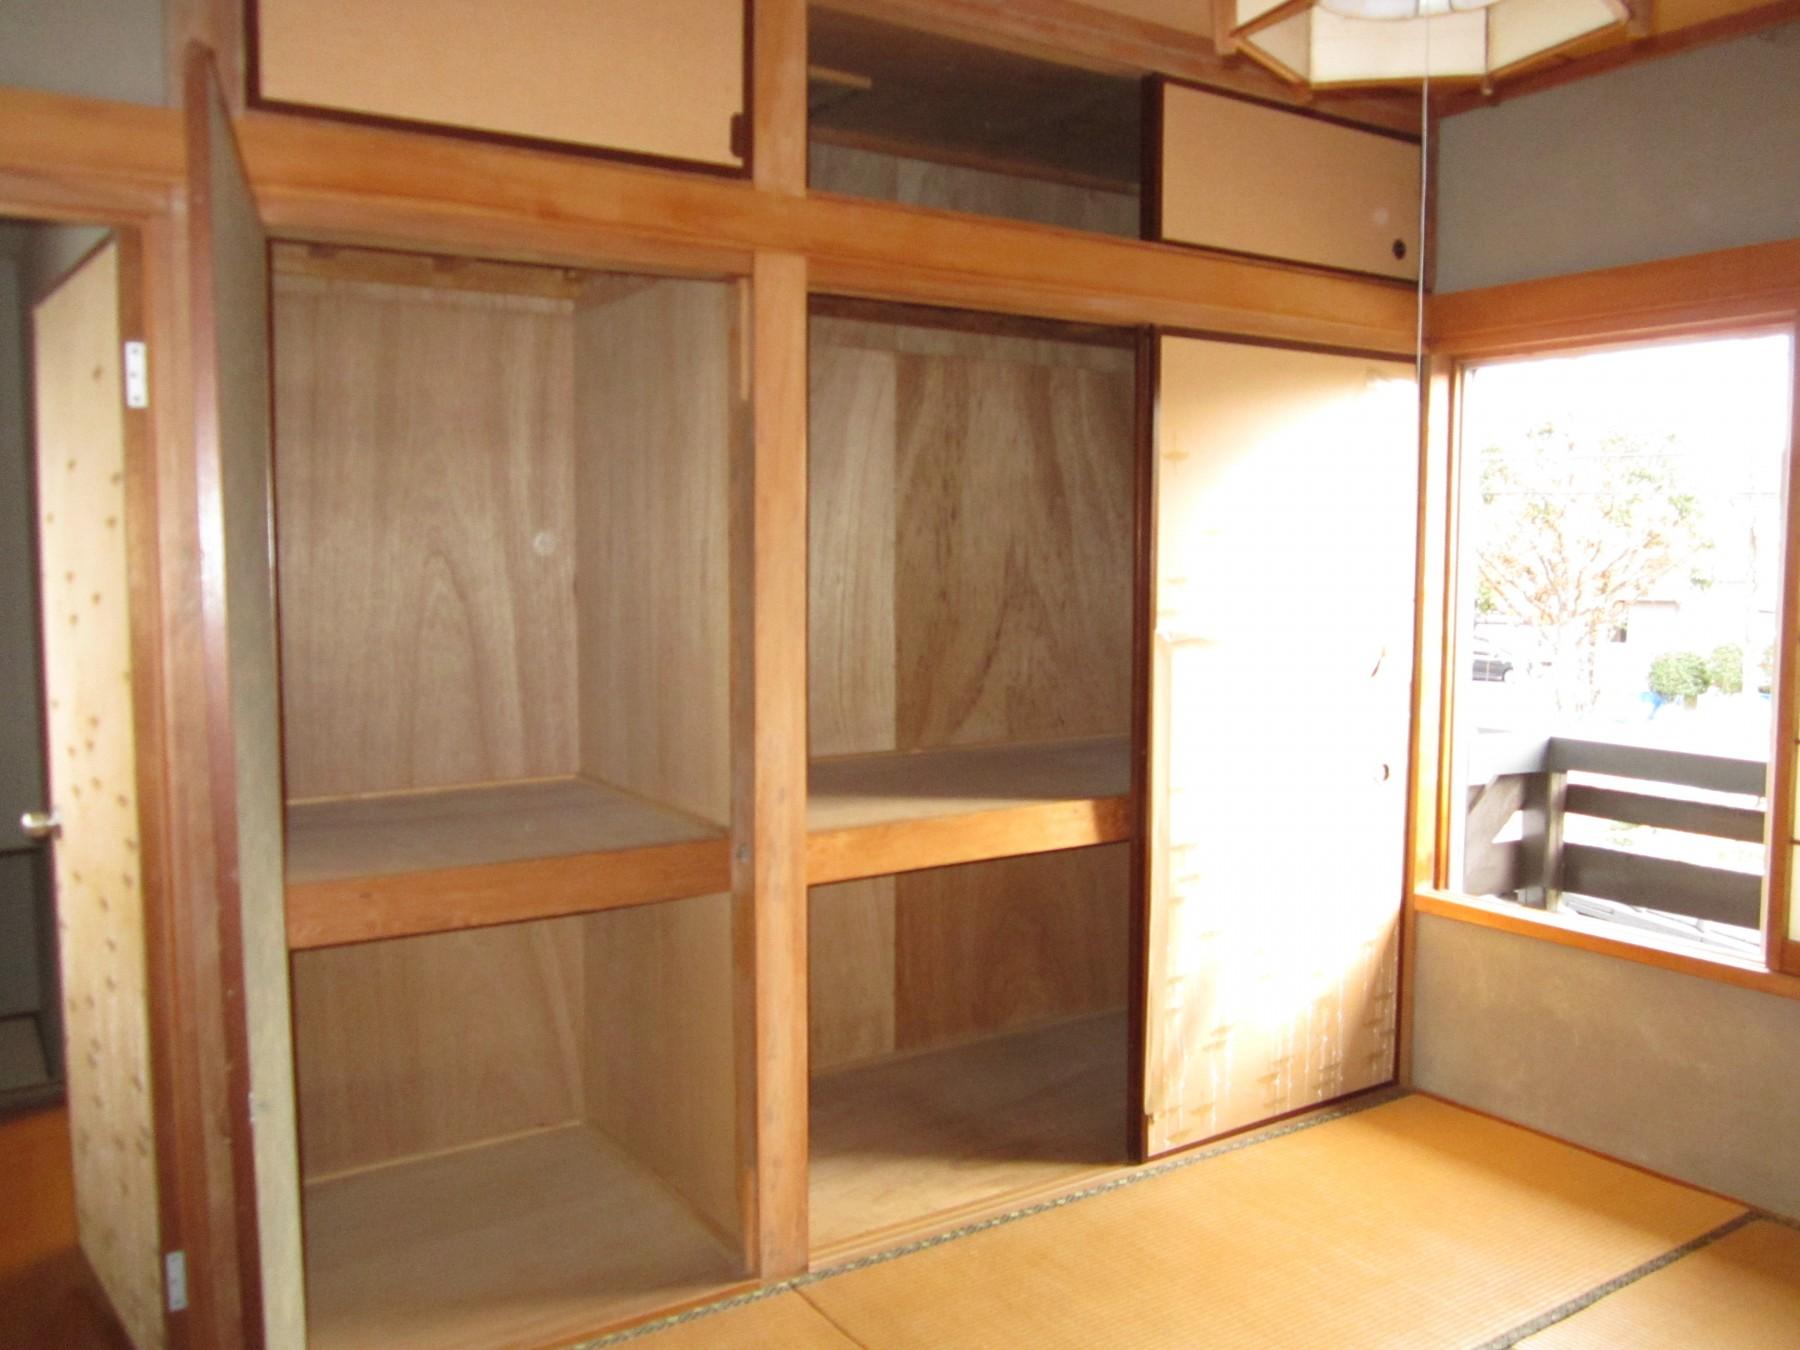 大分市中古住宅リノベーションF様邸子供部屋ビフォー写真